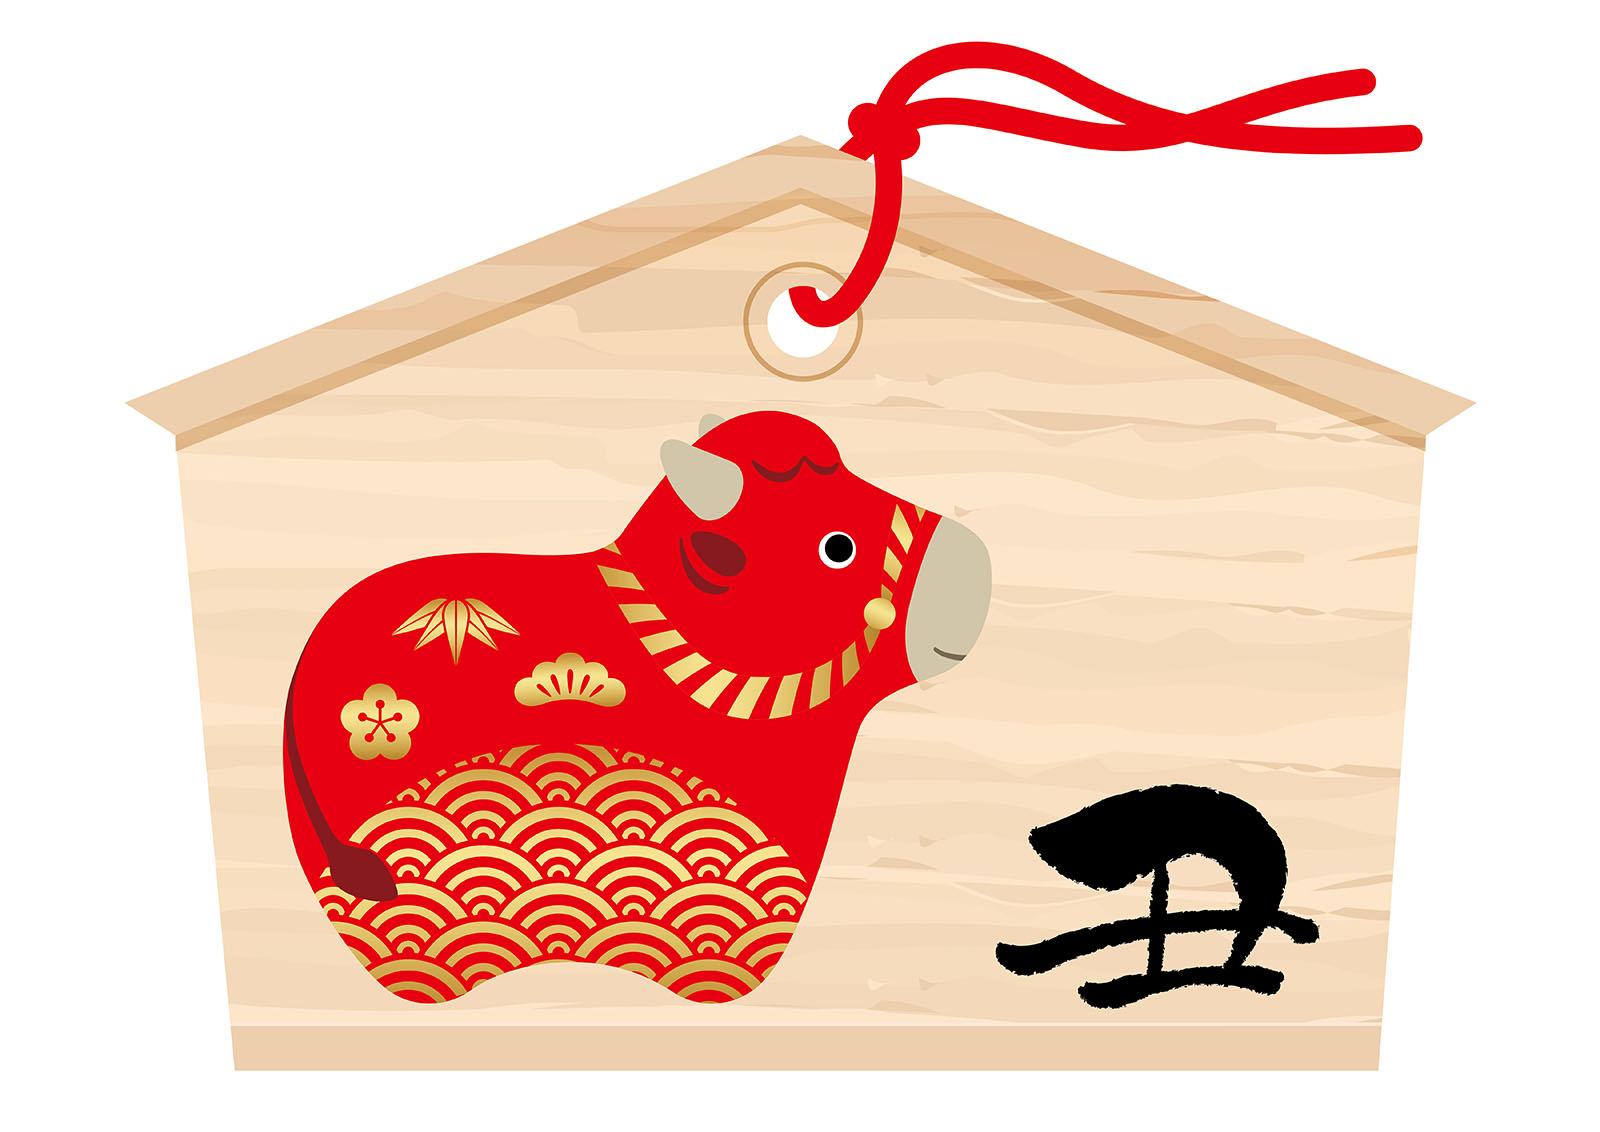 Japanse Decoratie Voor Het Nieuwe Jaar Van De Os 1346934 Download Free Vectors Vector Bestanden Ontwerpen Templates